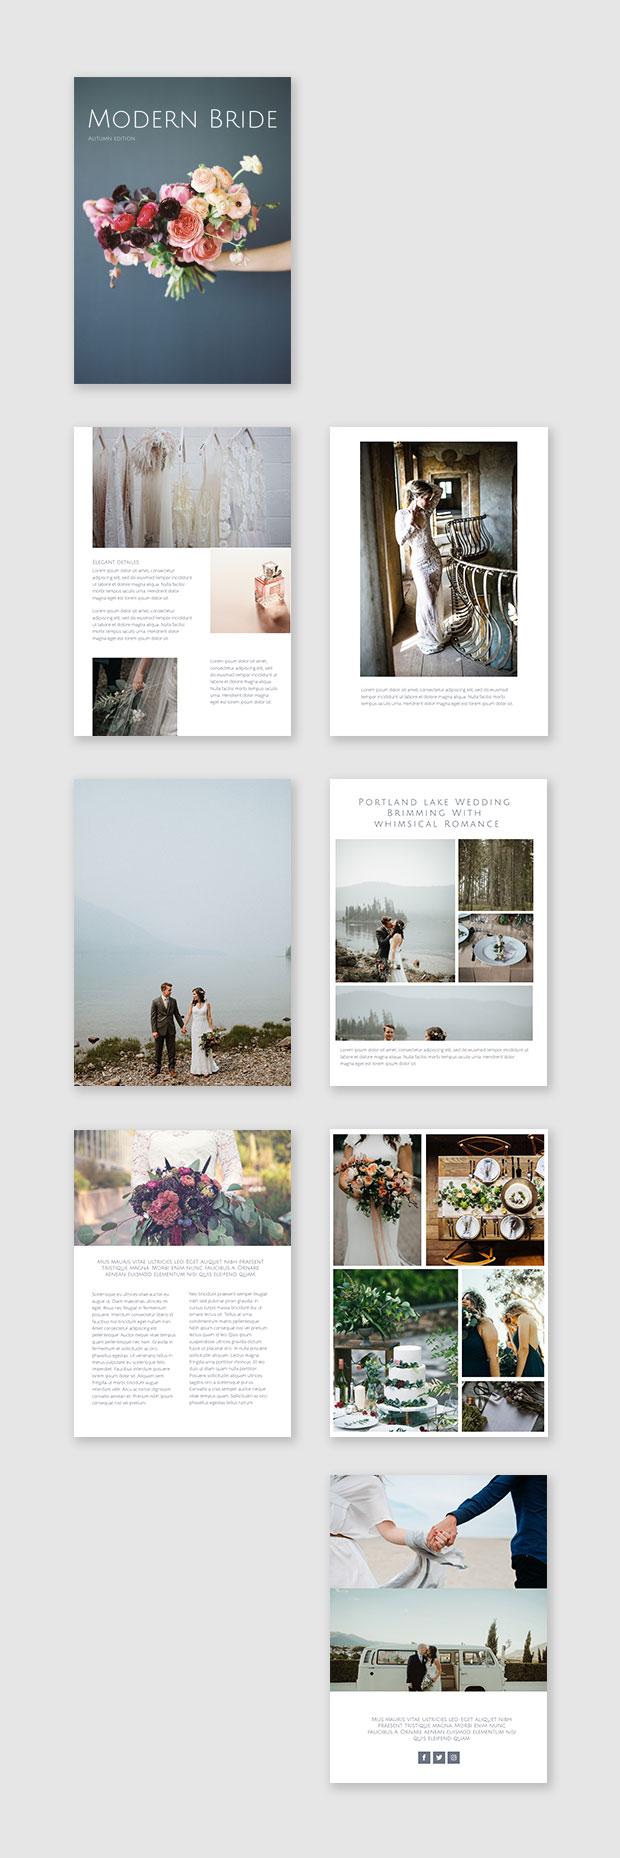 wedding photo album example